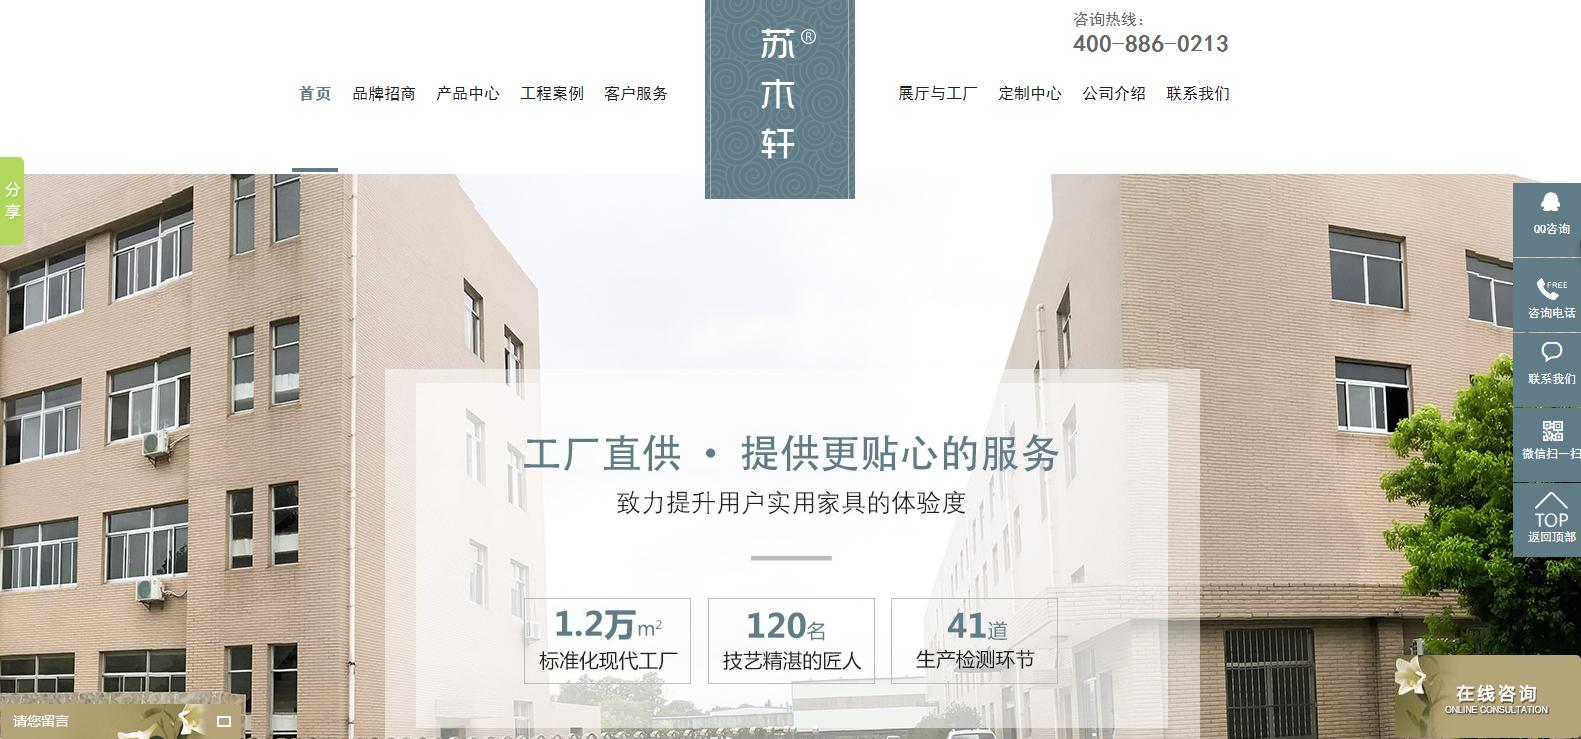 苏木轩新中式家具营销型网站,追马网